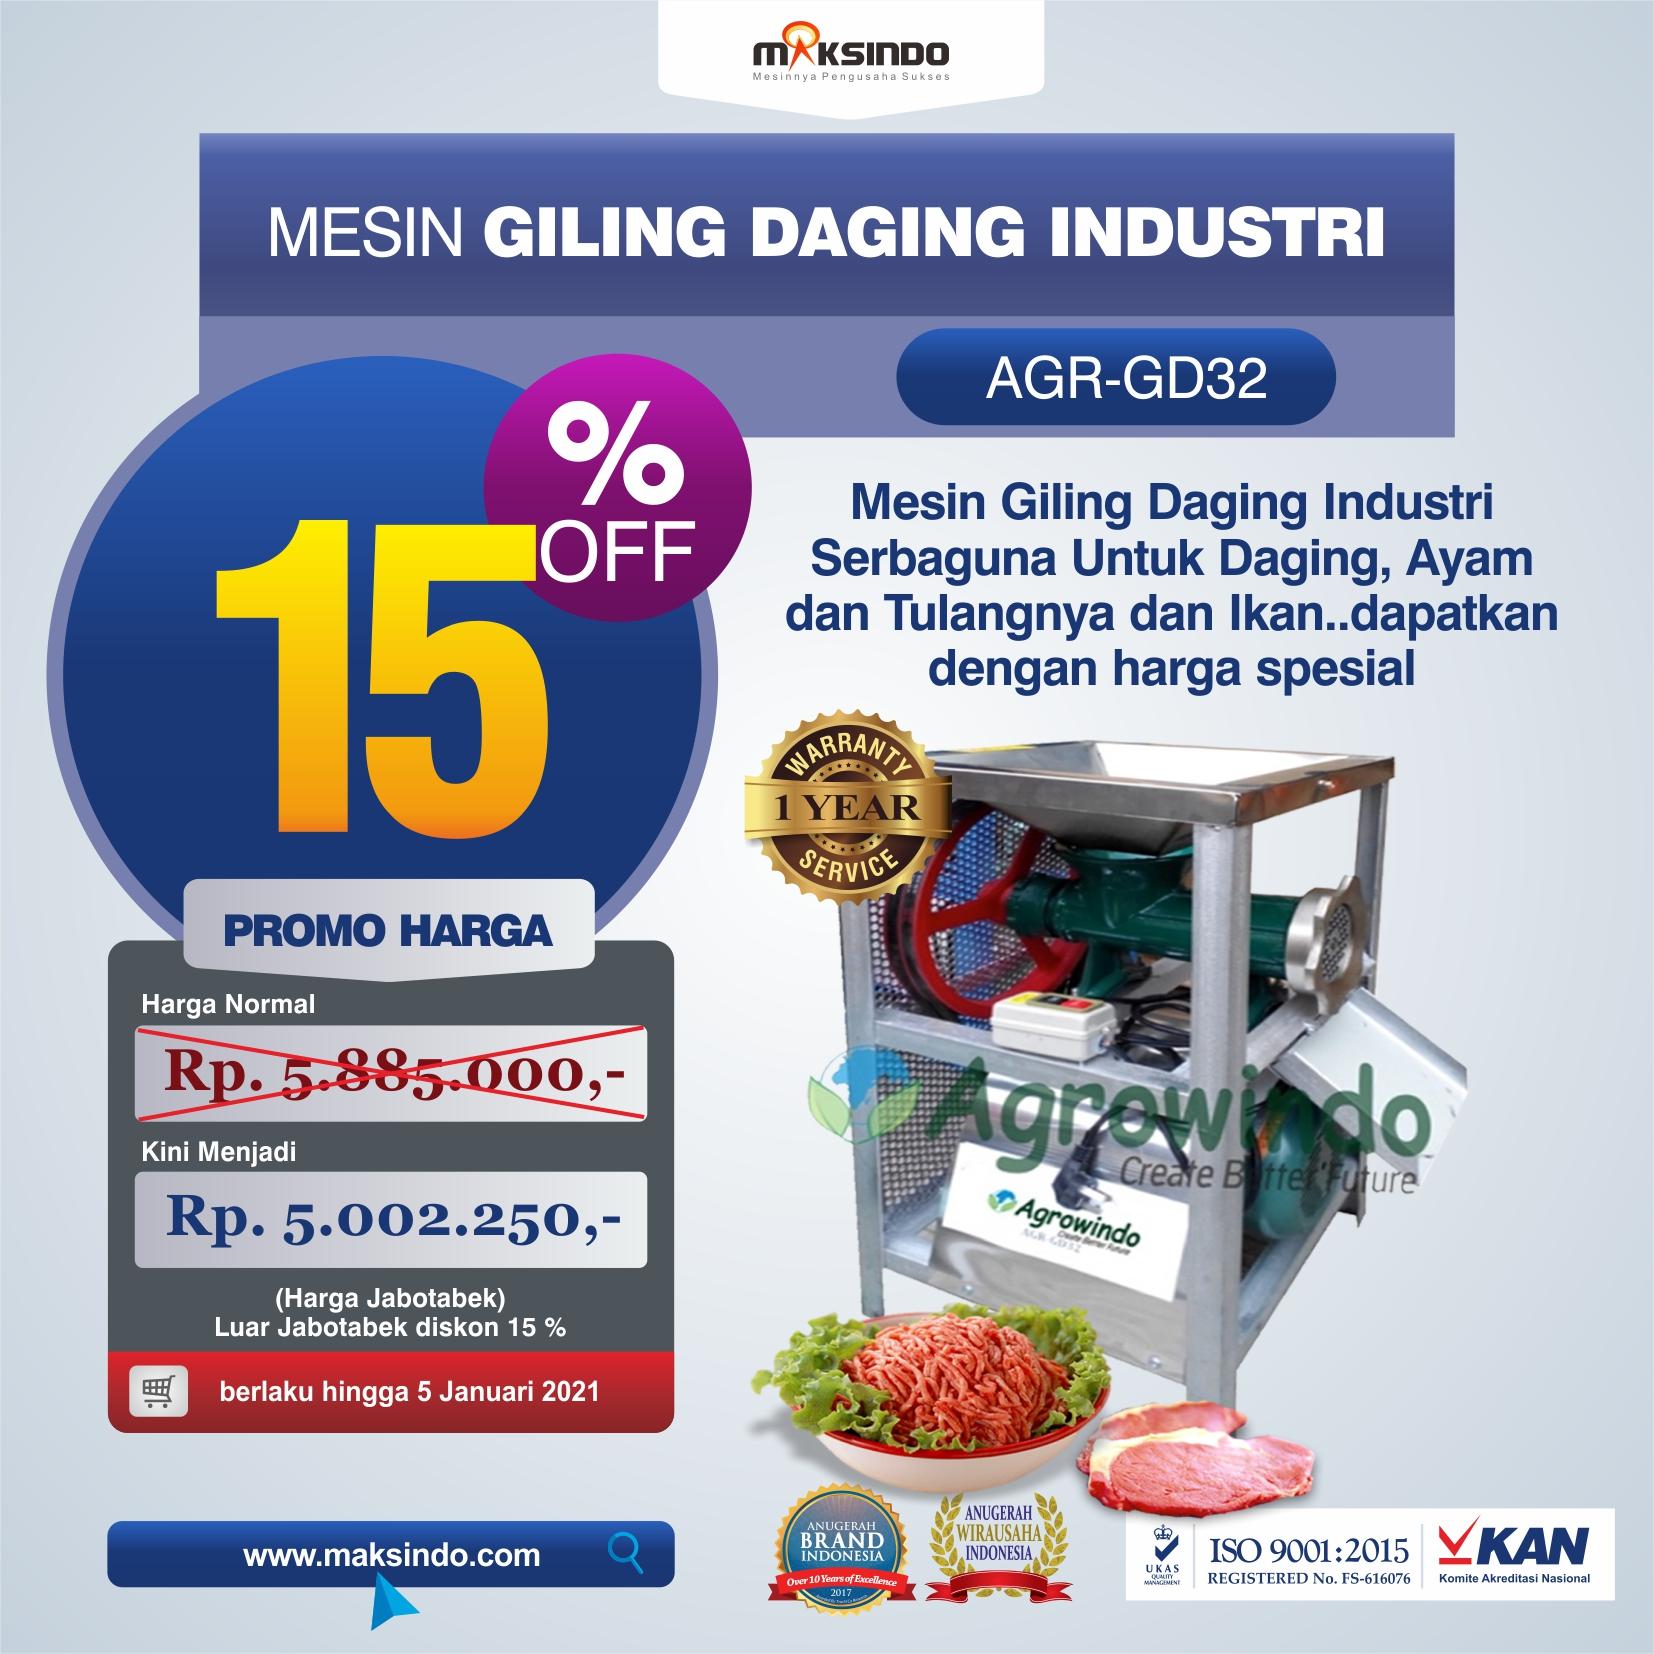 Jual Mesin Giling Daging Industri (AGR-GD32) di Solo